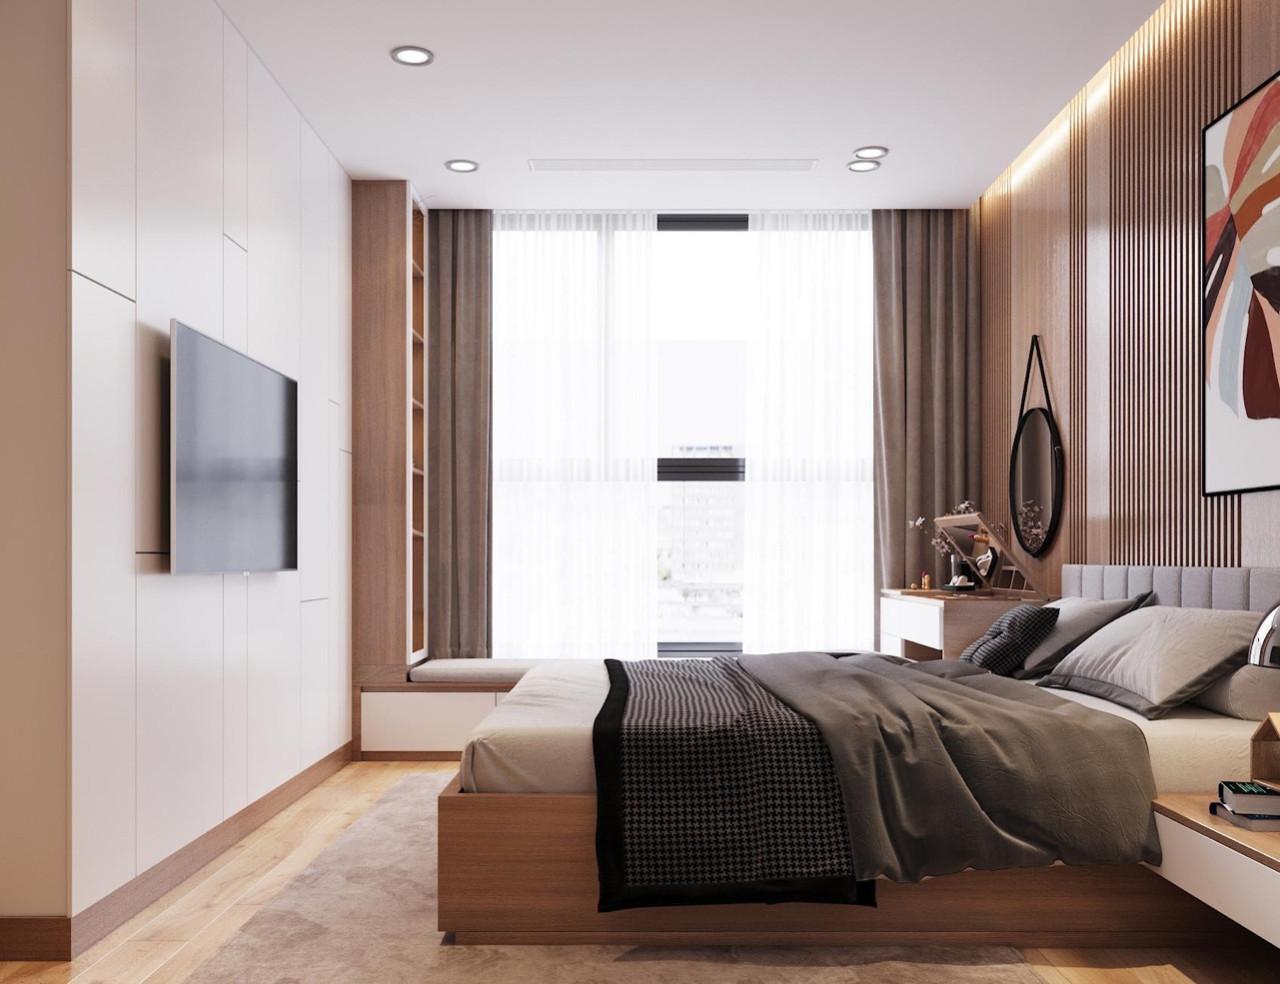 Giường Ngủ Gỗ An Cường Đẹp HCM - Thi Công Giường Ngủ Gỗ An Cường